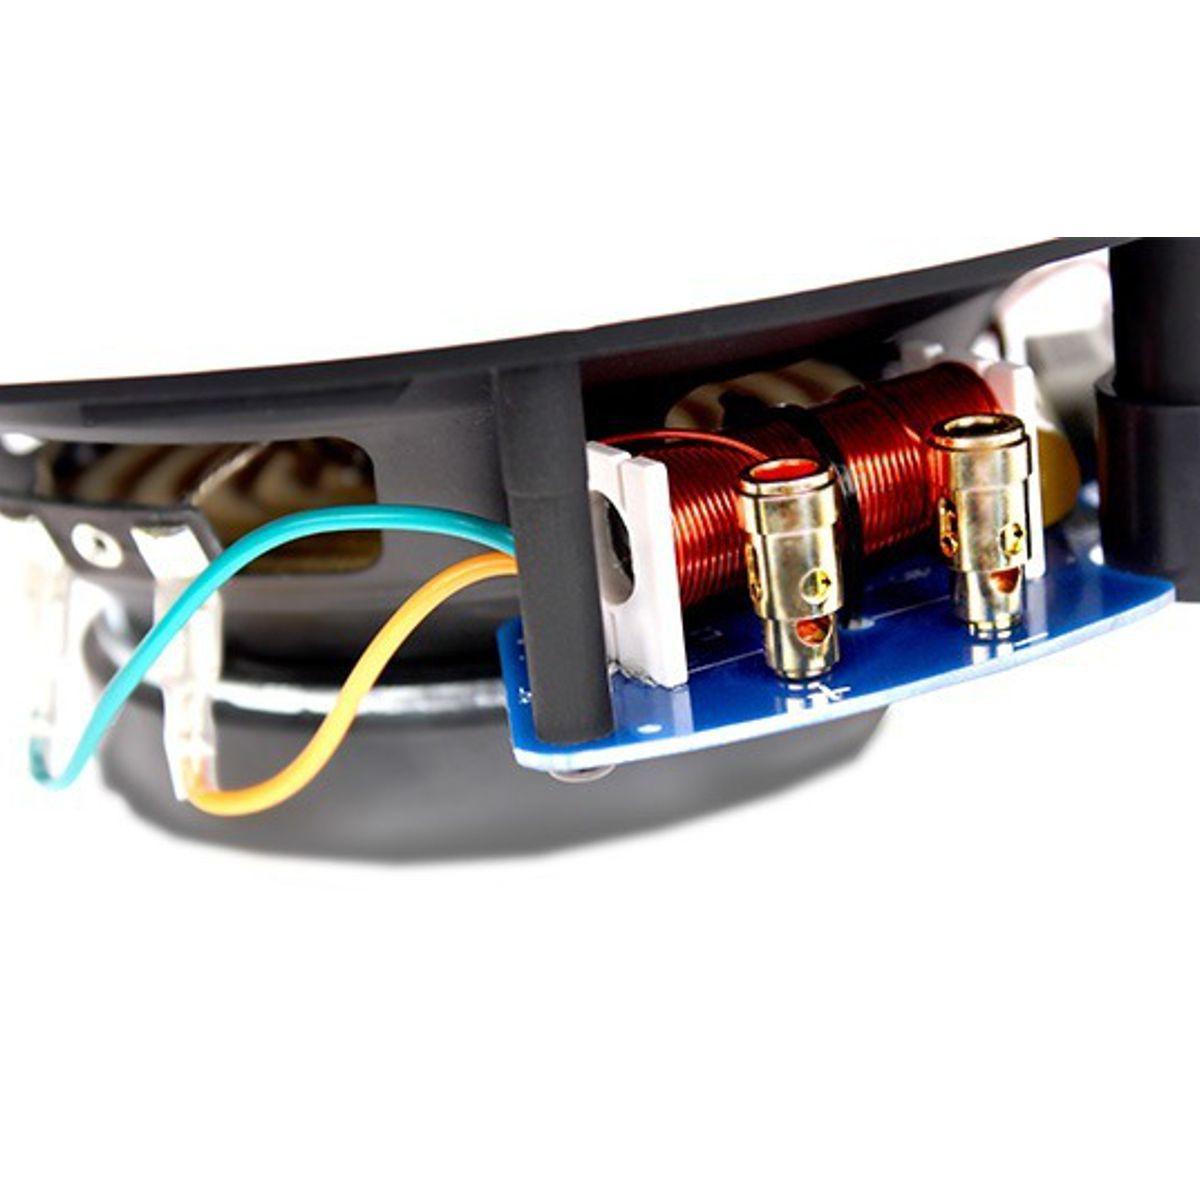 """Kit 5.1 Caixa de Embutir no Gesso LCR-A100 + NQ6-A100 + NQ6-M100 + Subwoofer Compact Cube 8"""" AAT"""